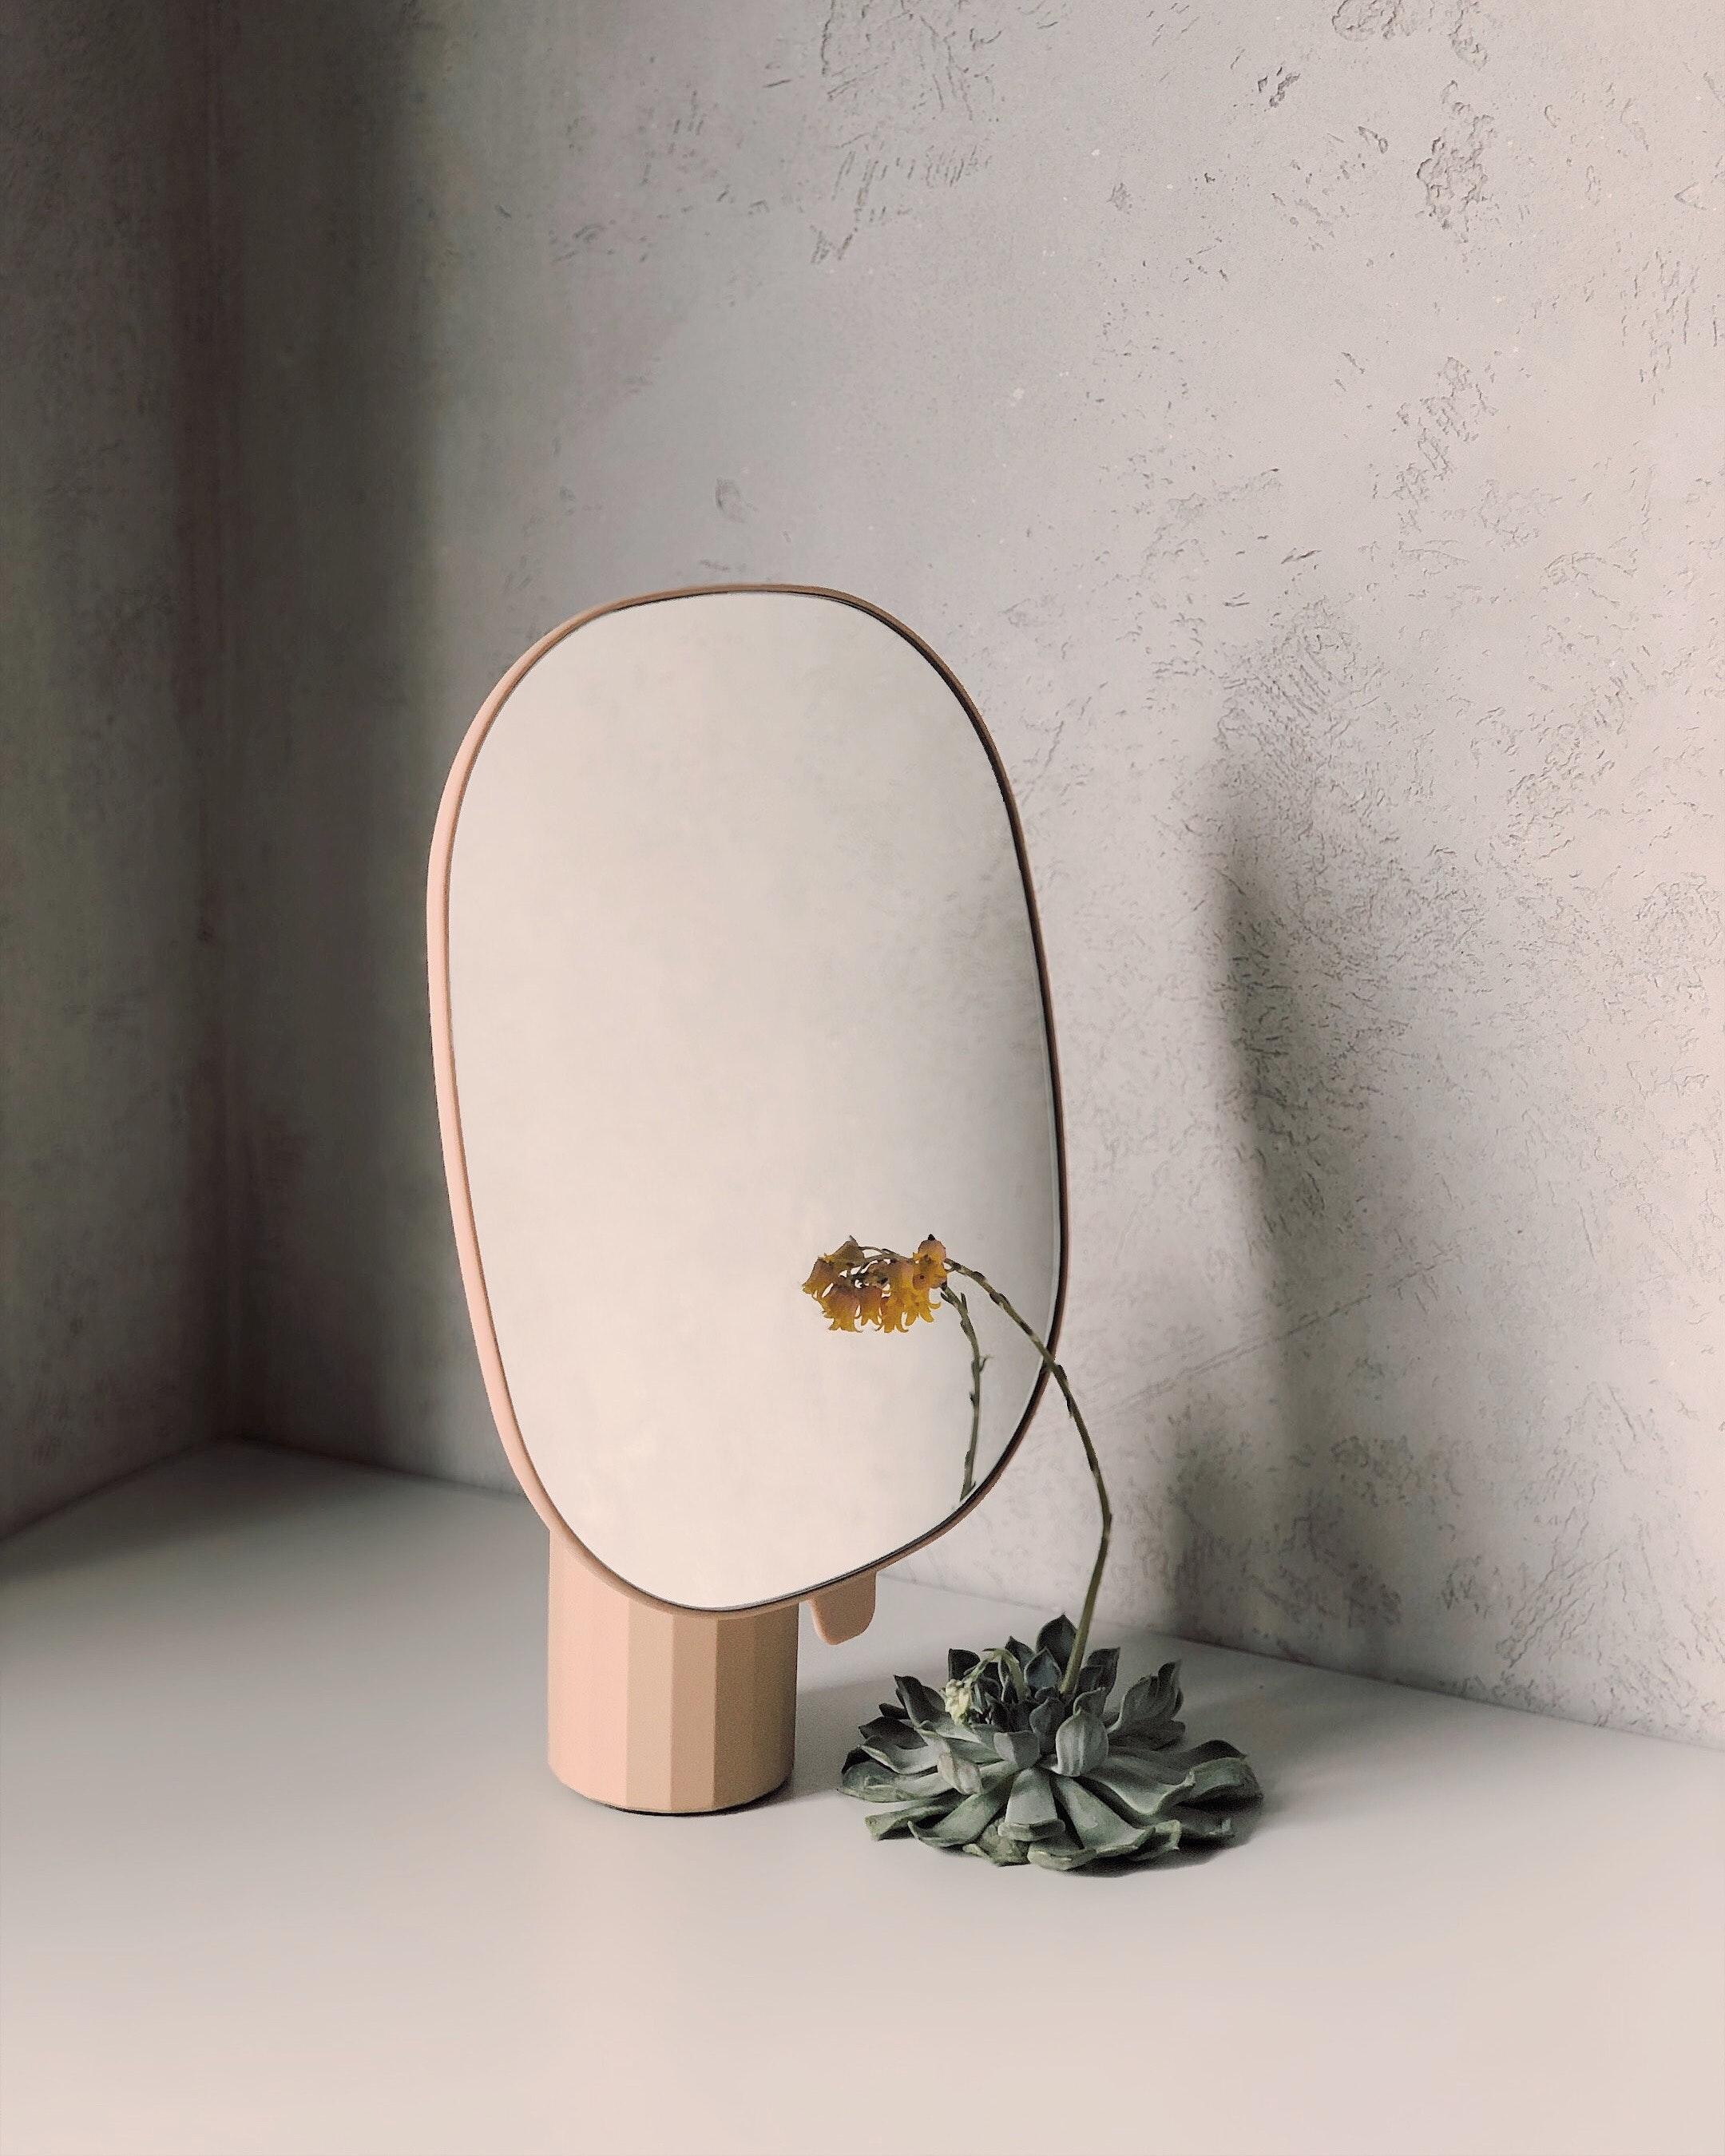 138936 télécharger le fond d'écran Minimalisme, Miroir, Fleur, Réflexion - économiseurs d'écran et images gratuitement